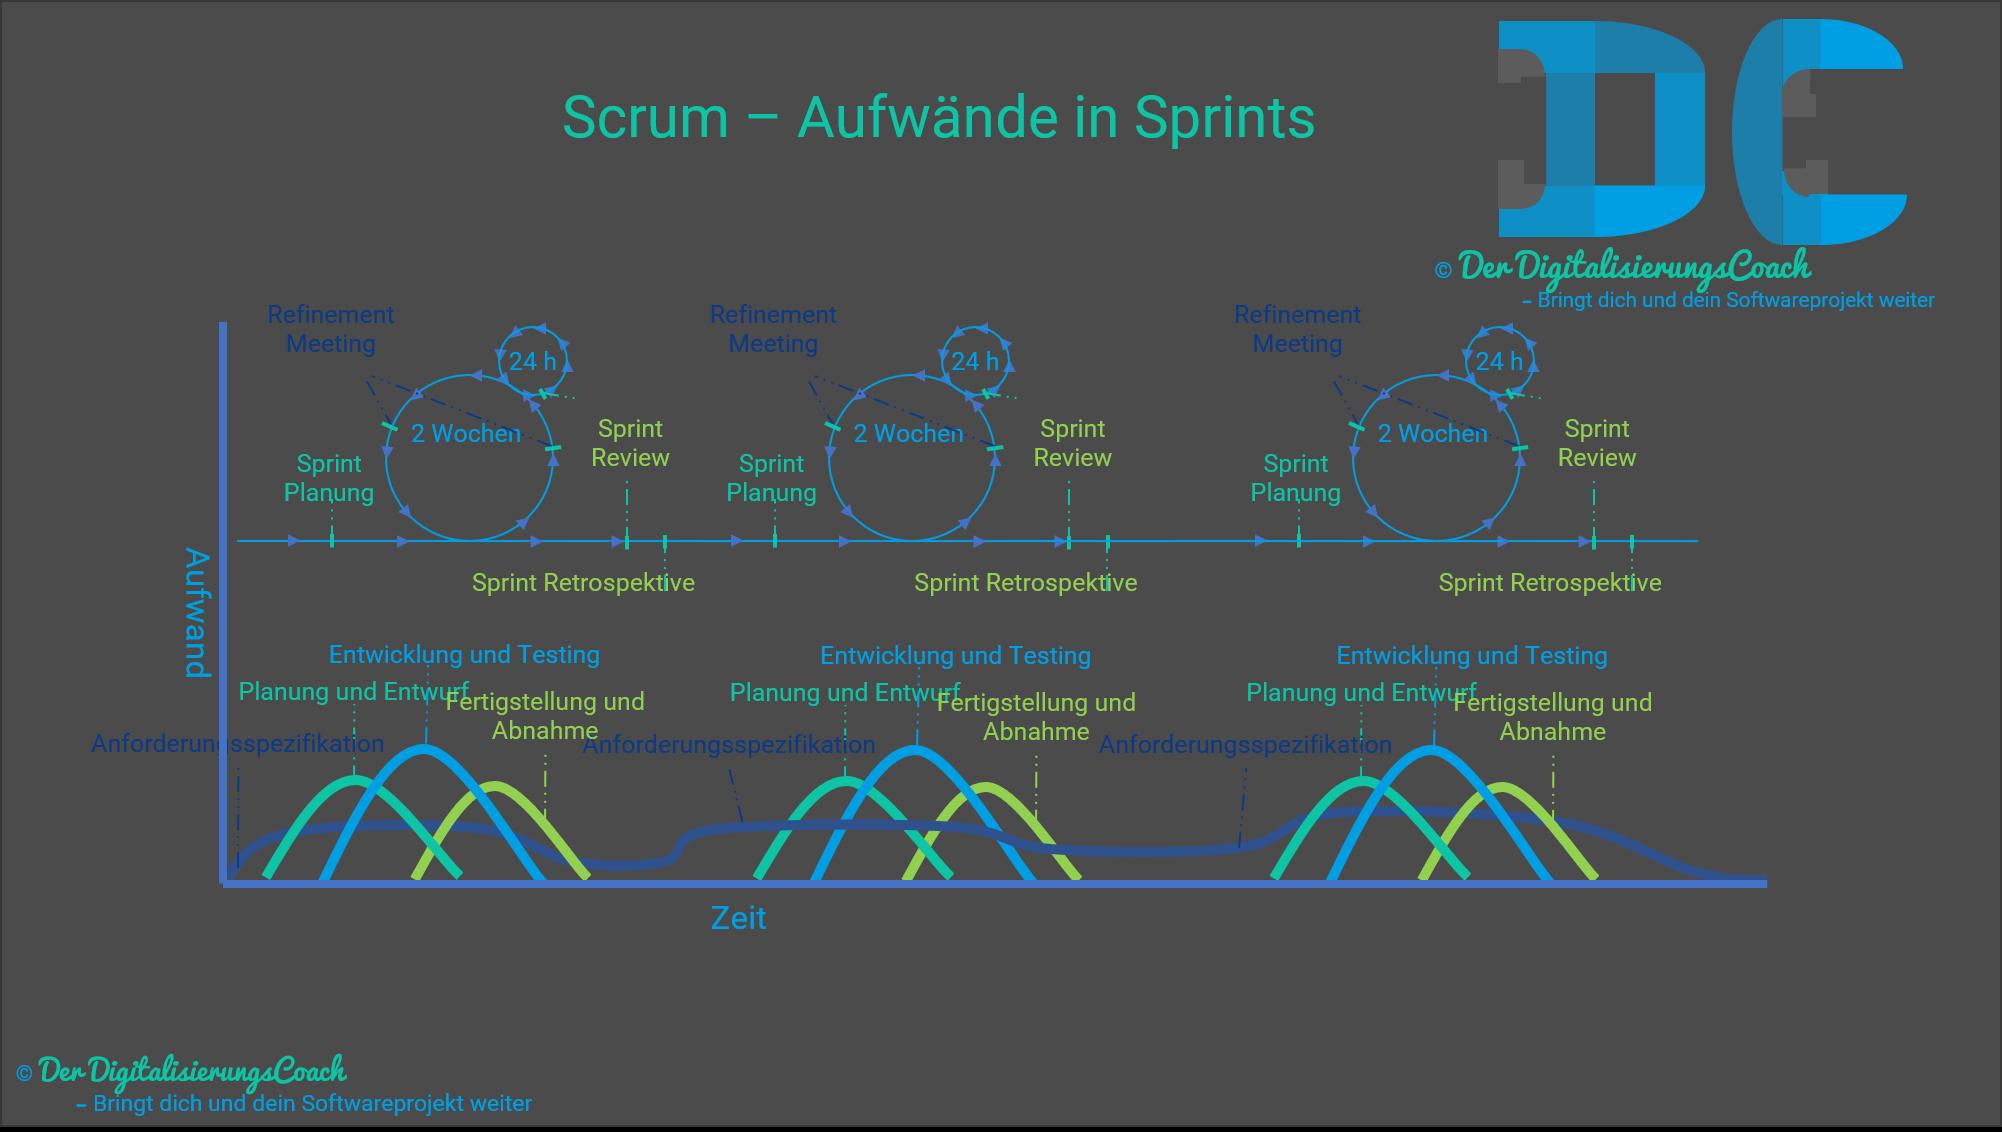 Scrum - Aufwände in Sprints